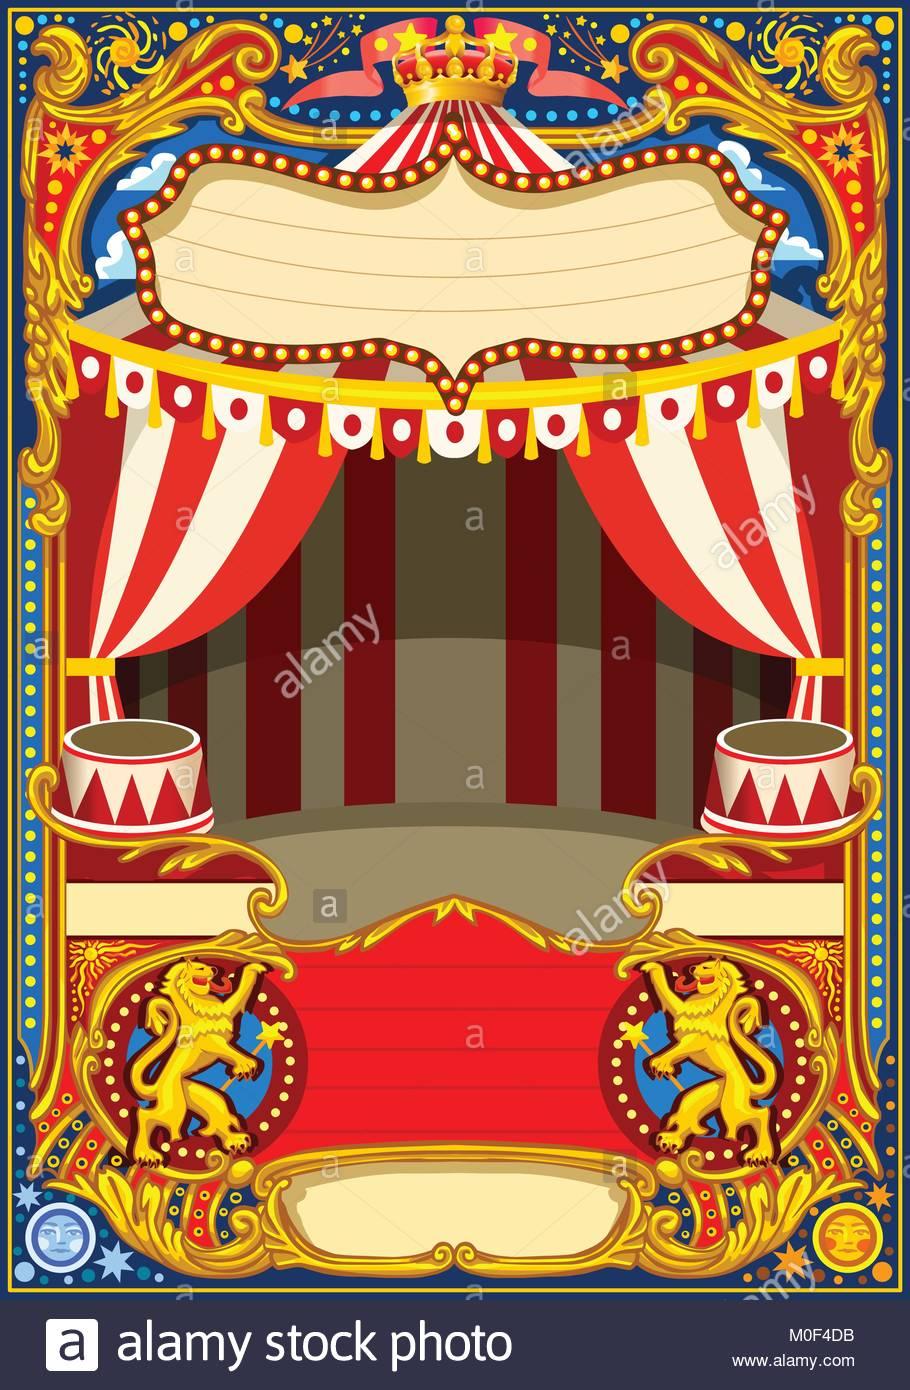 El circo cartoon poster tema. Vintage bastidor con carpa de circo ...